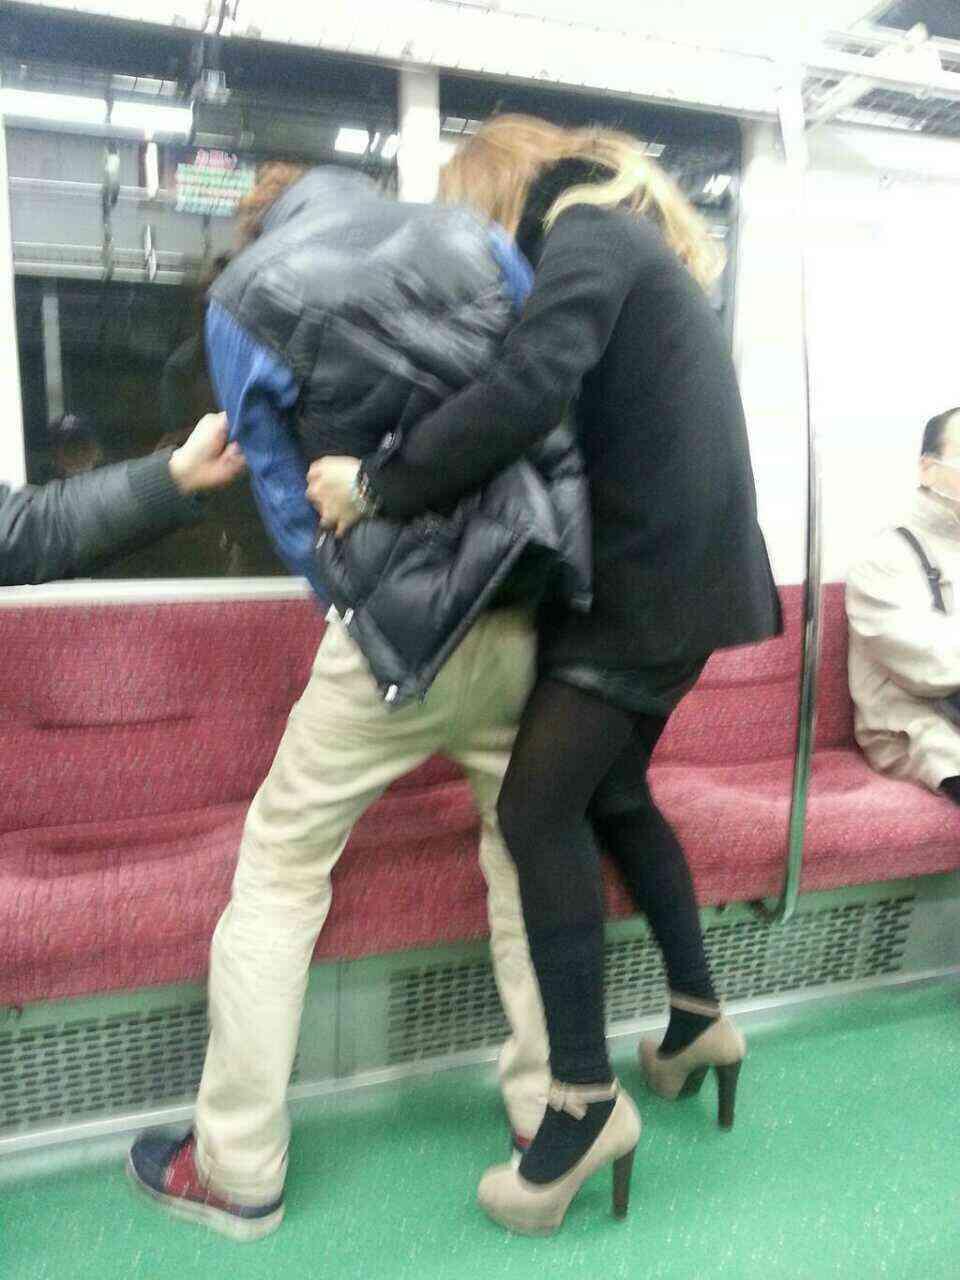 【悲劇】オシッコの上に座る乗客…。